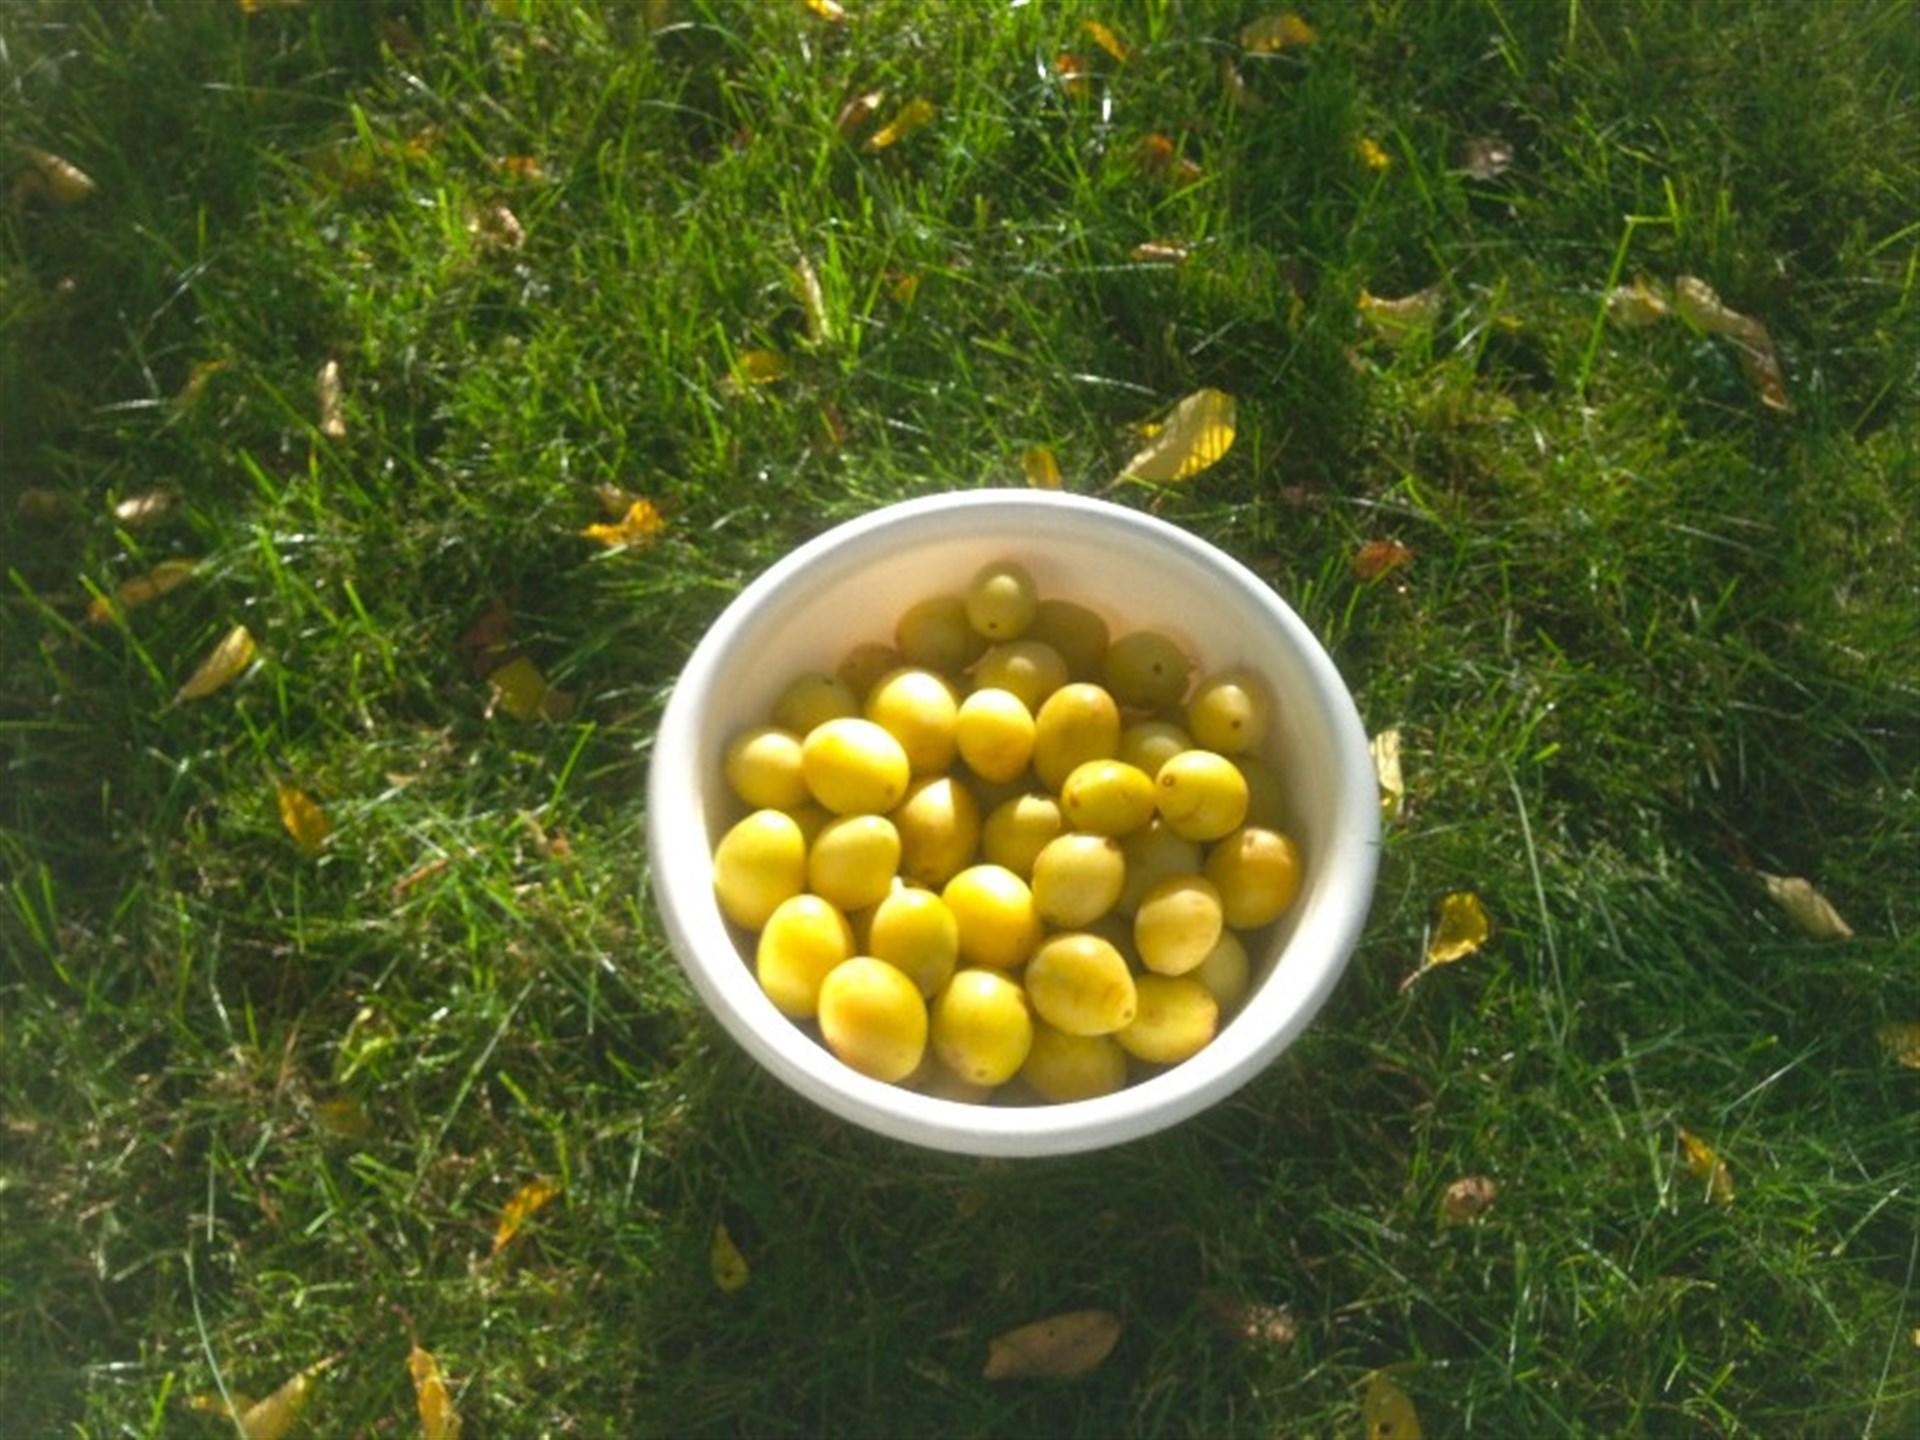 Säljares bild på vad trädgården producerar med söta och goda plommon